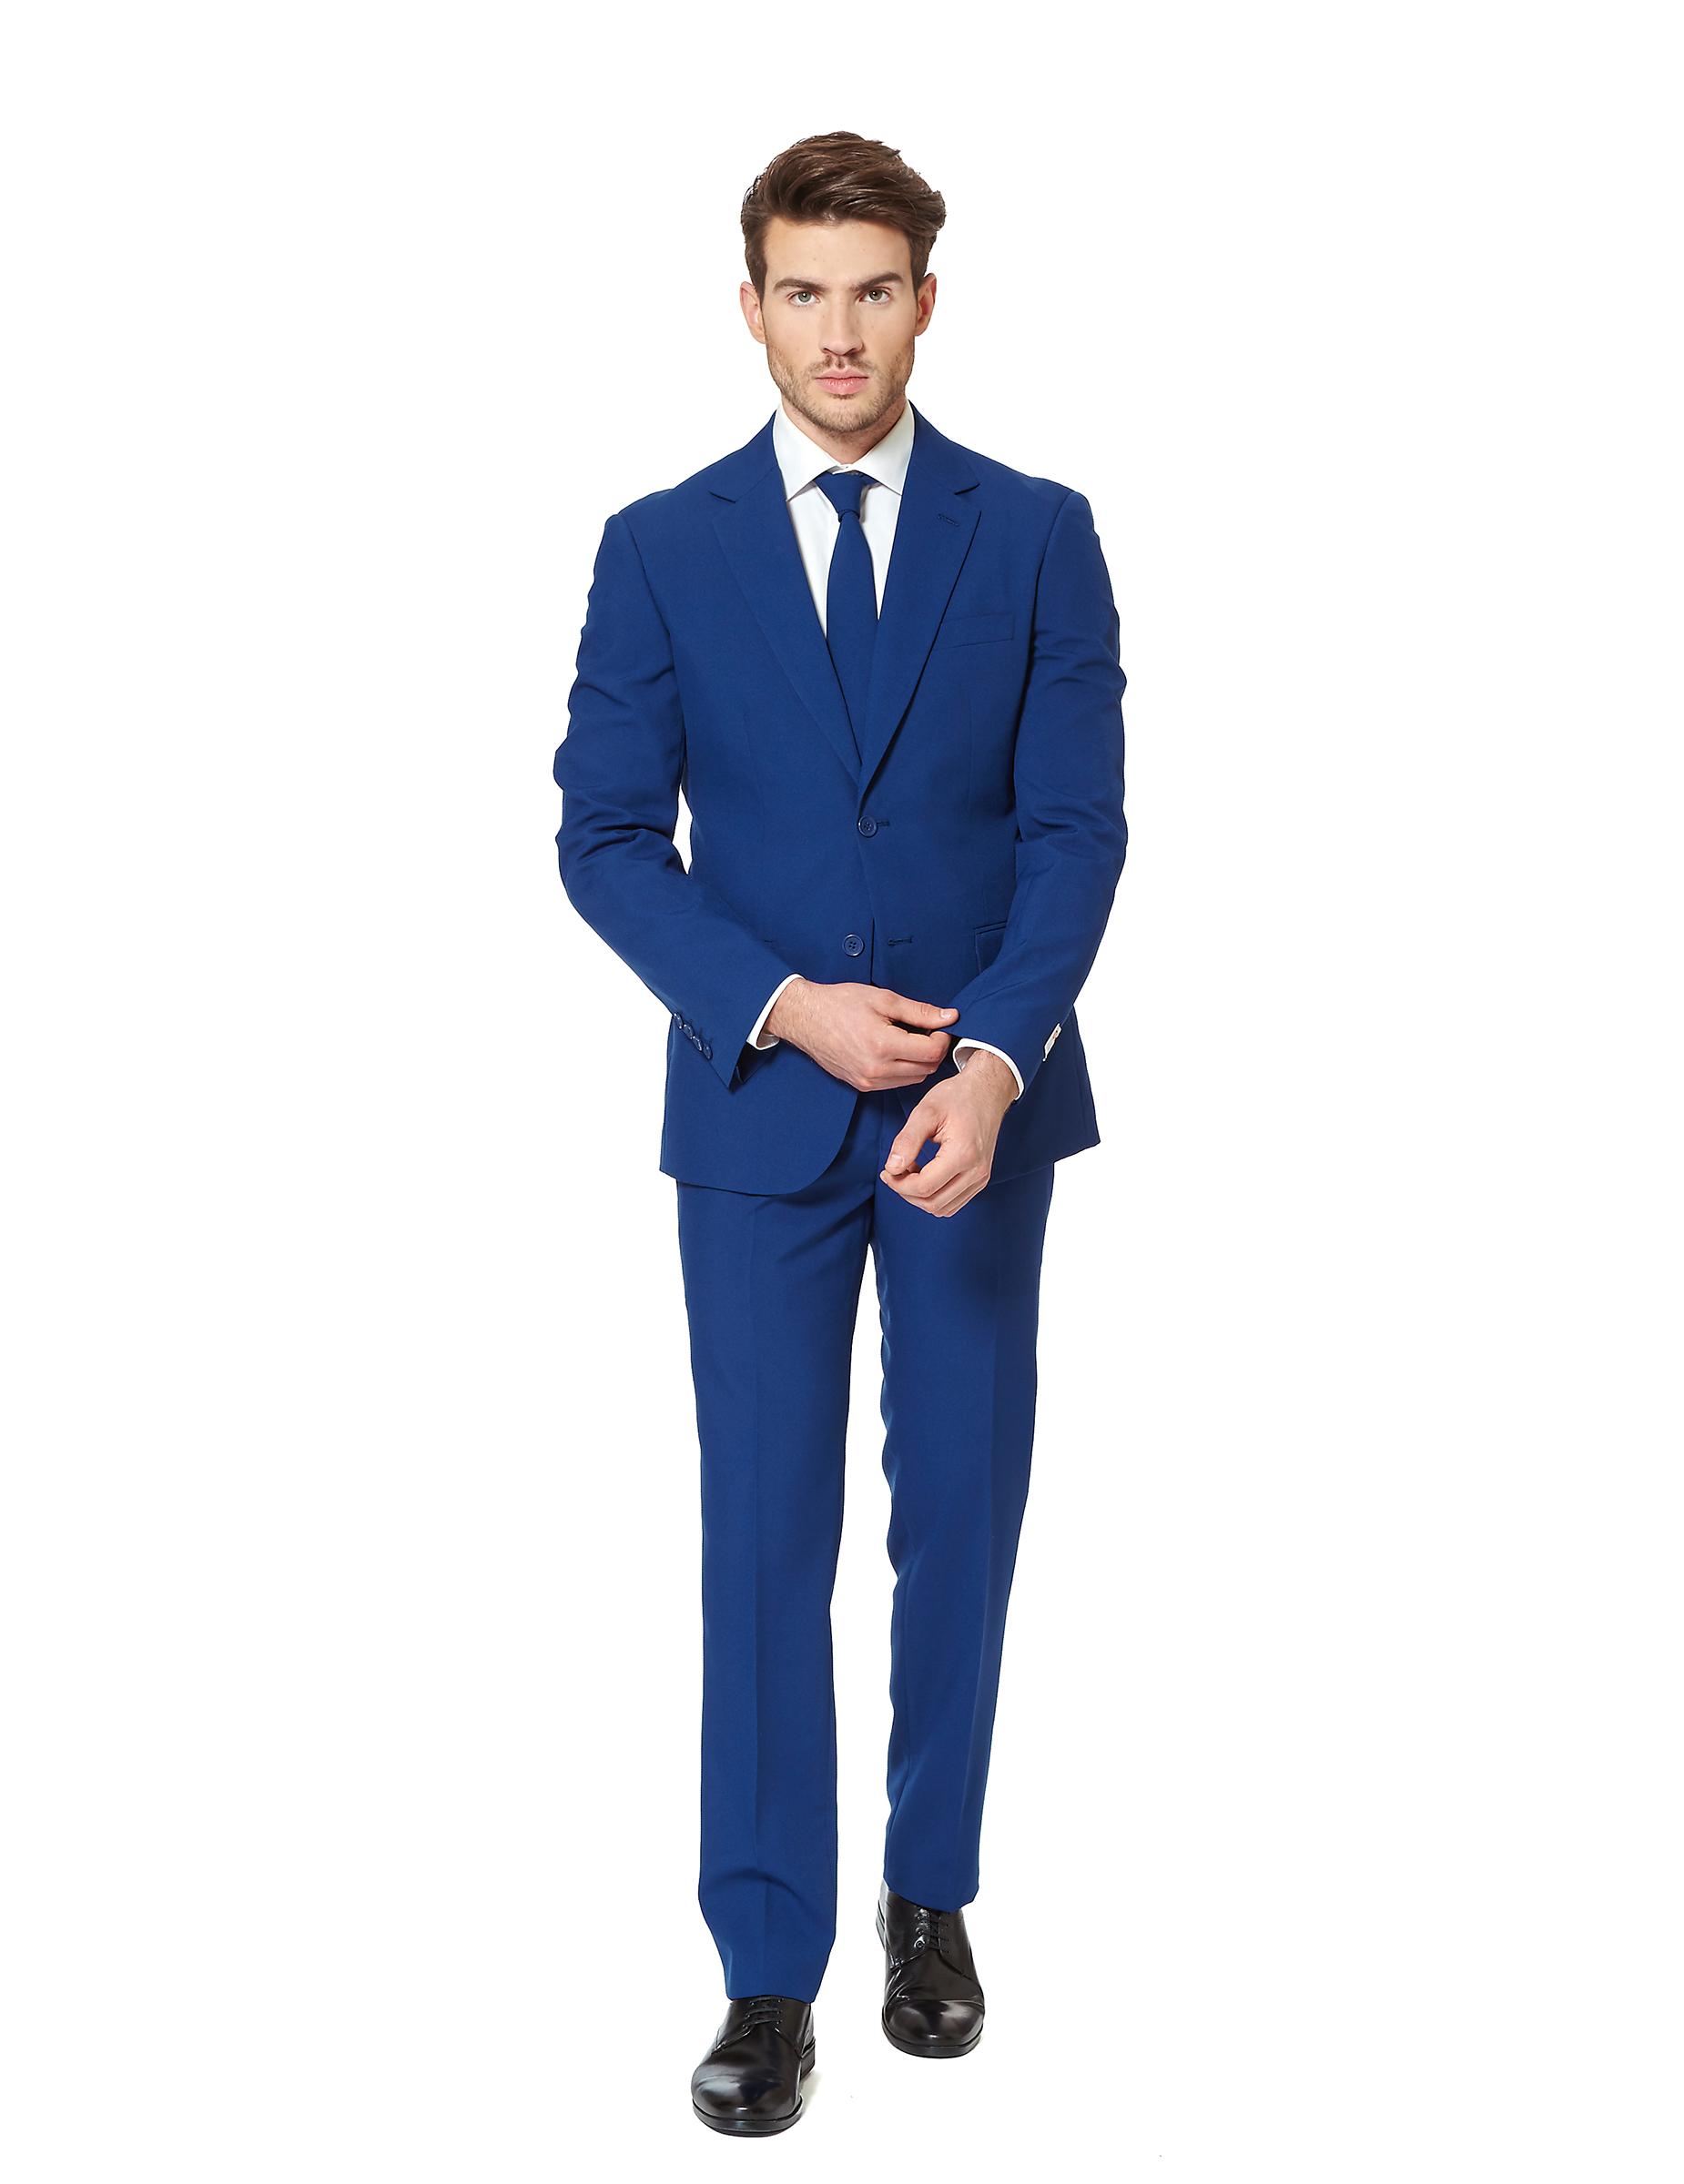 Cómo combinar un traje azul marino de hombre ¿Tienes un traje azul marino o estás pensando en adquirirlo para alguna ocasión o celebración y no sabes como combinarlo? A continuación te presentamos diferentes consejos y recomendaciones para que pudieras lucir al máximo tu traje azul marino y vestir a la última moda siguiendo las tendencias.